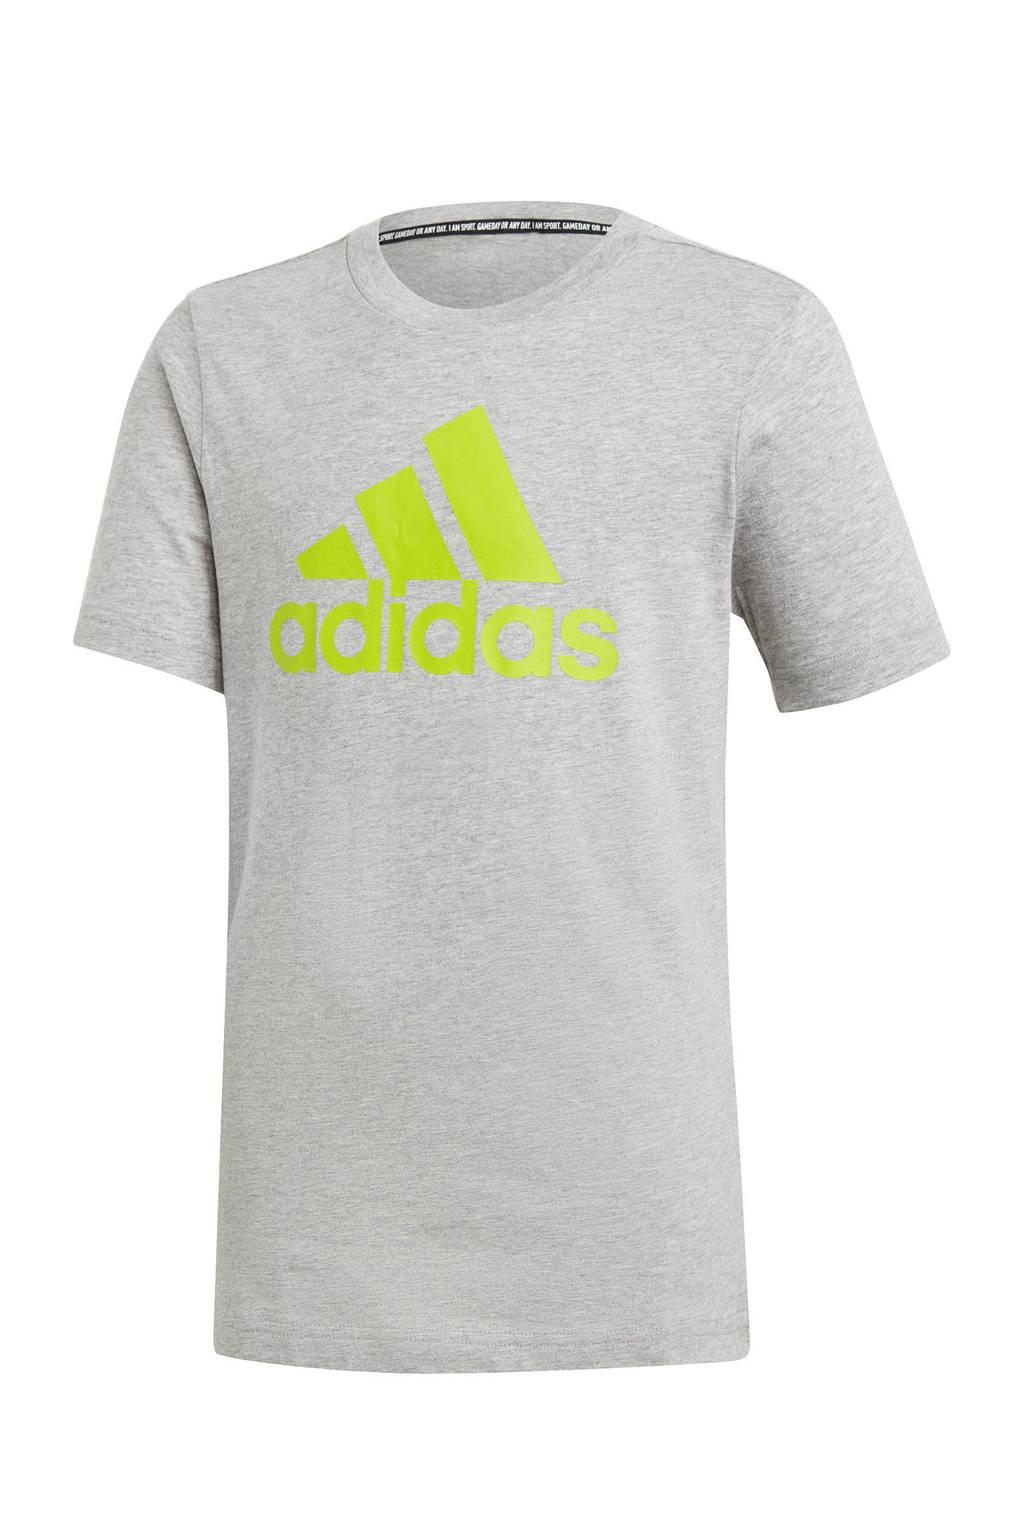 adidas Performance   sport T-shirt grijs/limegroen, Grijs/limegroen